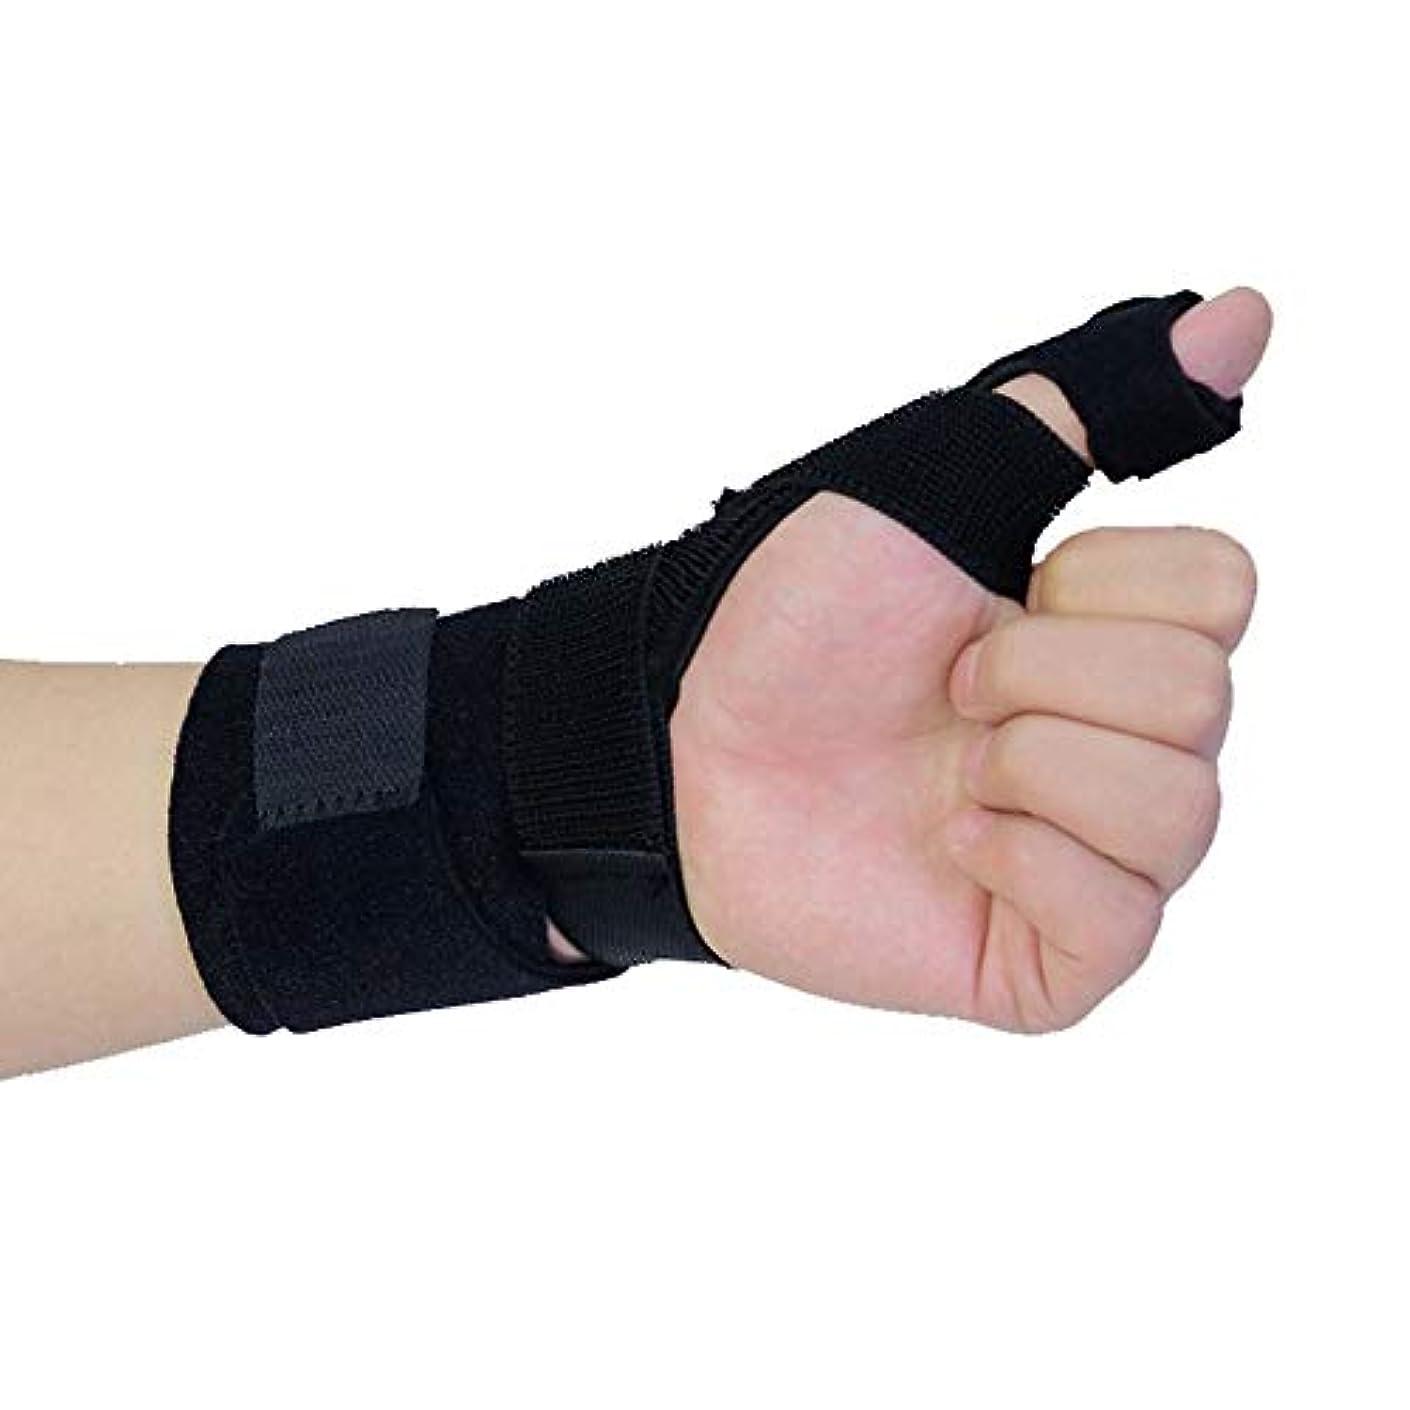 特異性レモン女王関節炎、腱炎、手根管の痛みの軽減、軽量で 調節可能なサイズに適した調節可能な親指装具プロテクター